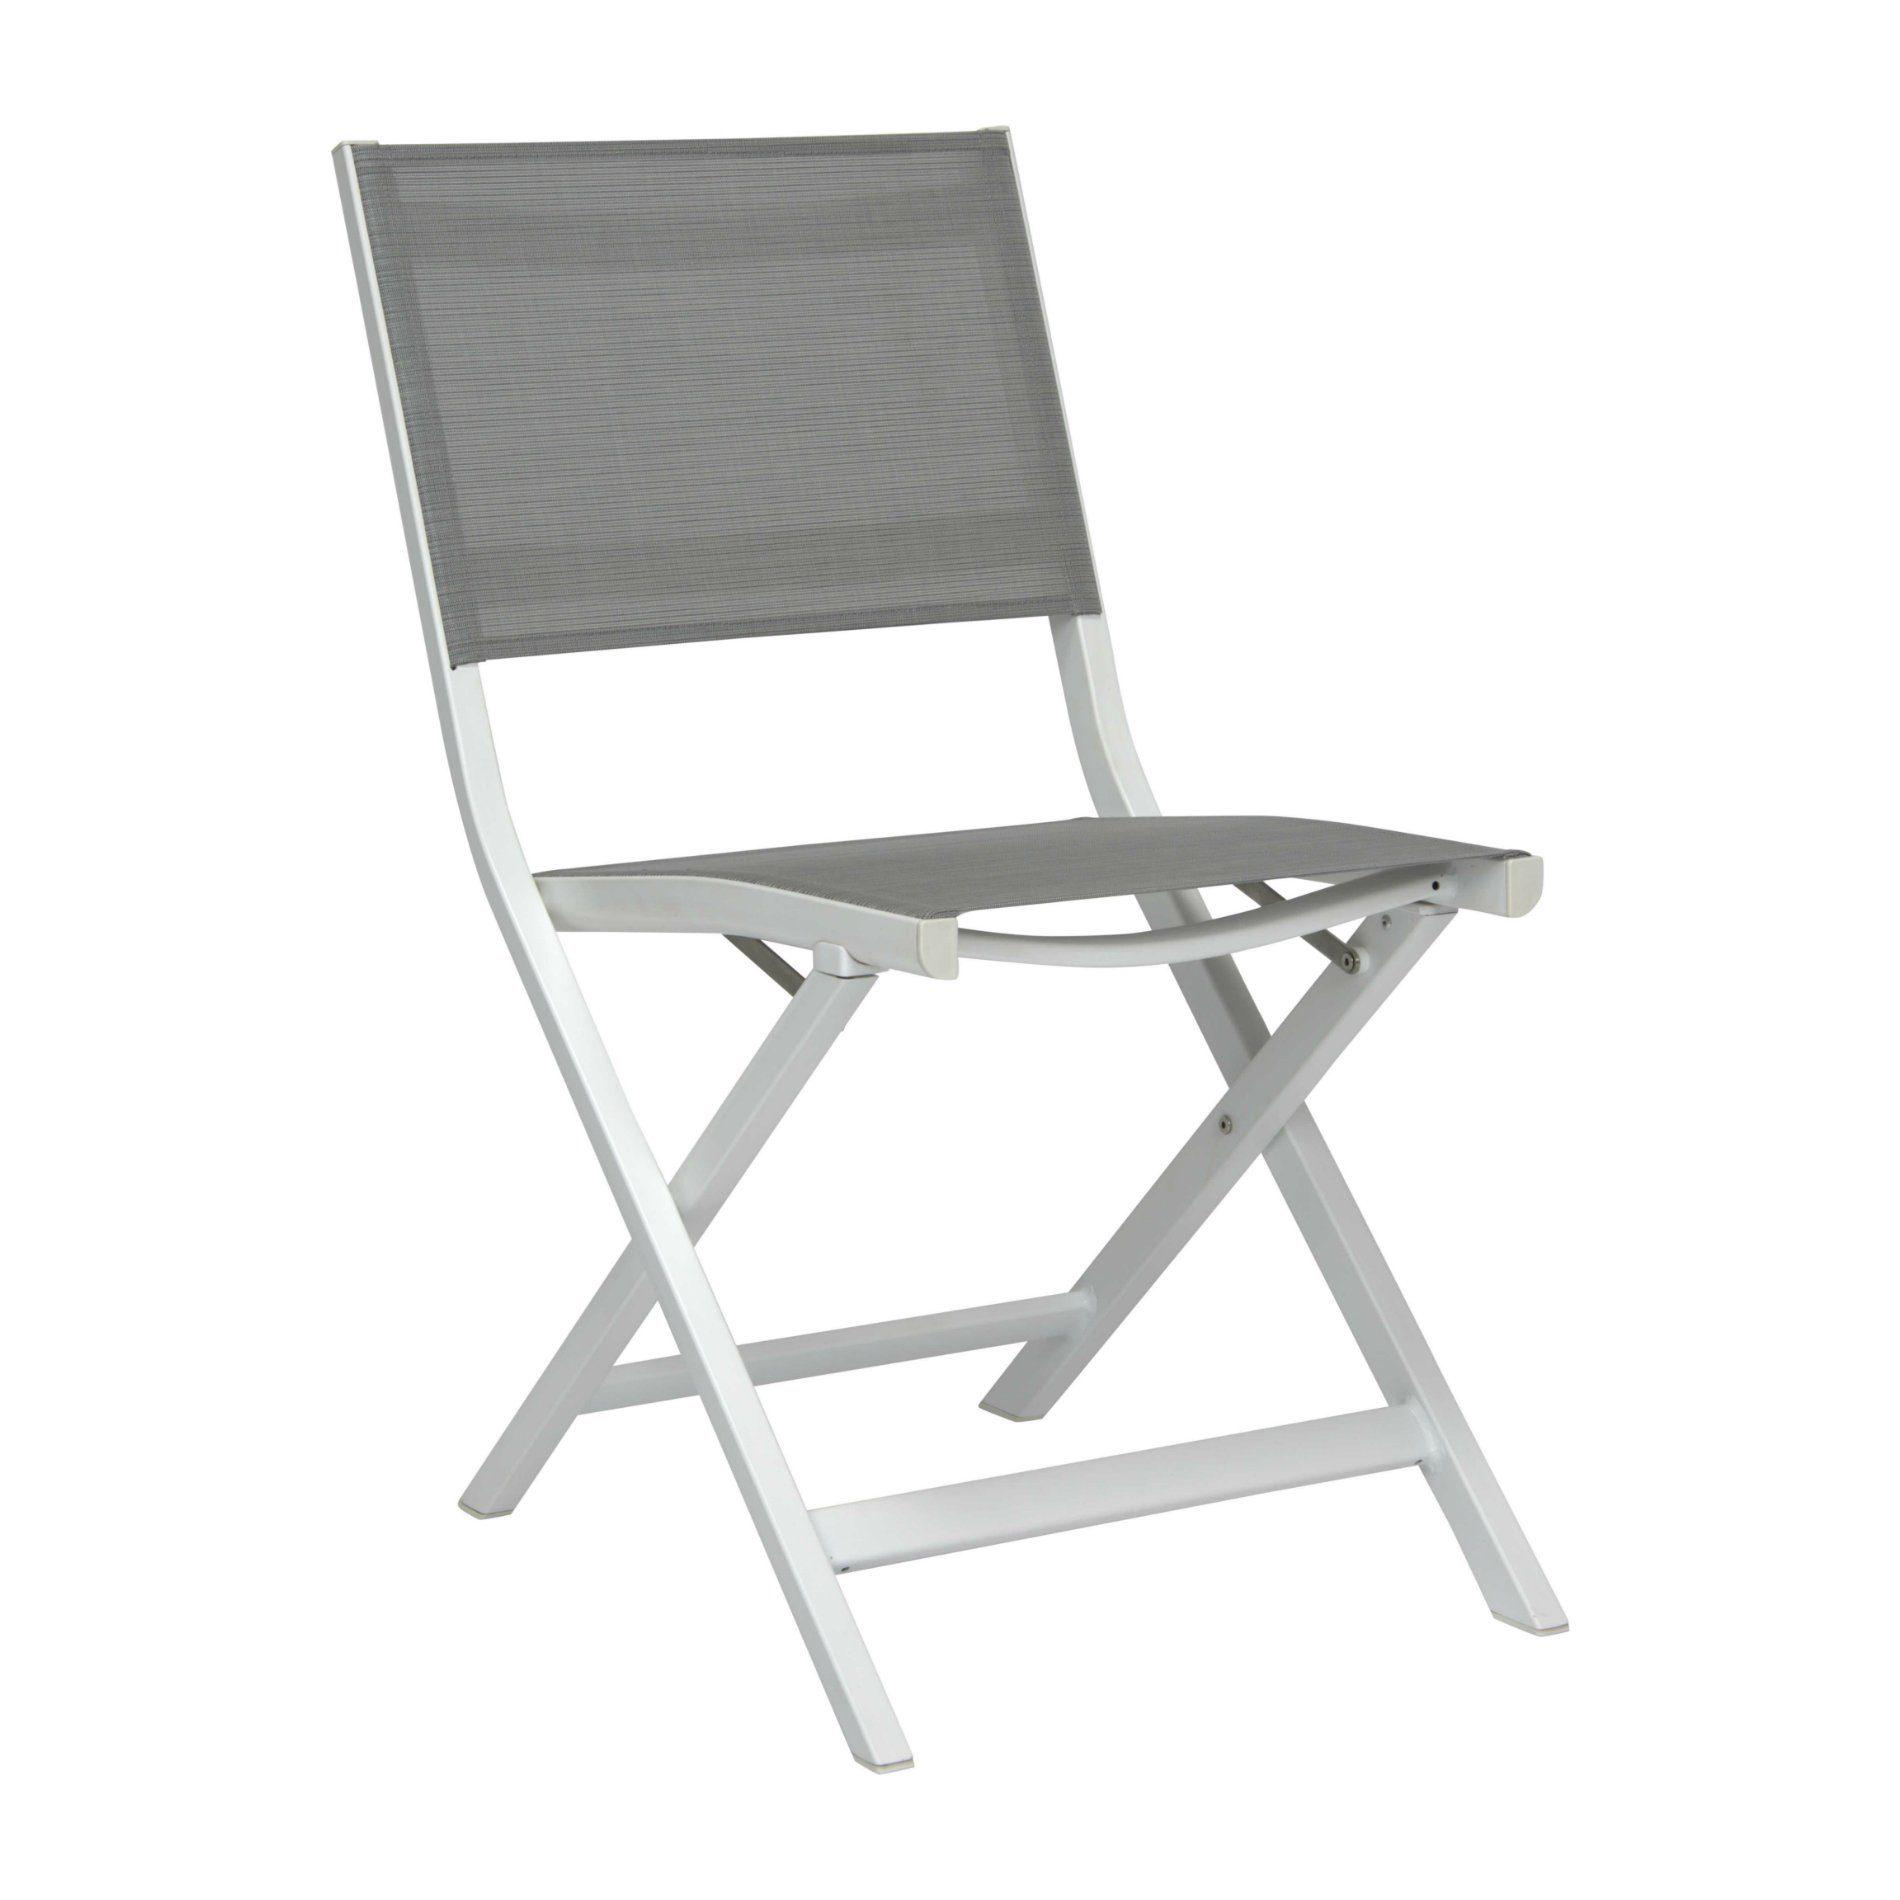 stern joe balkonklappstuhl. Black Bedroom Furniture Sets. Home Design Ideas